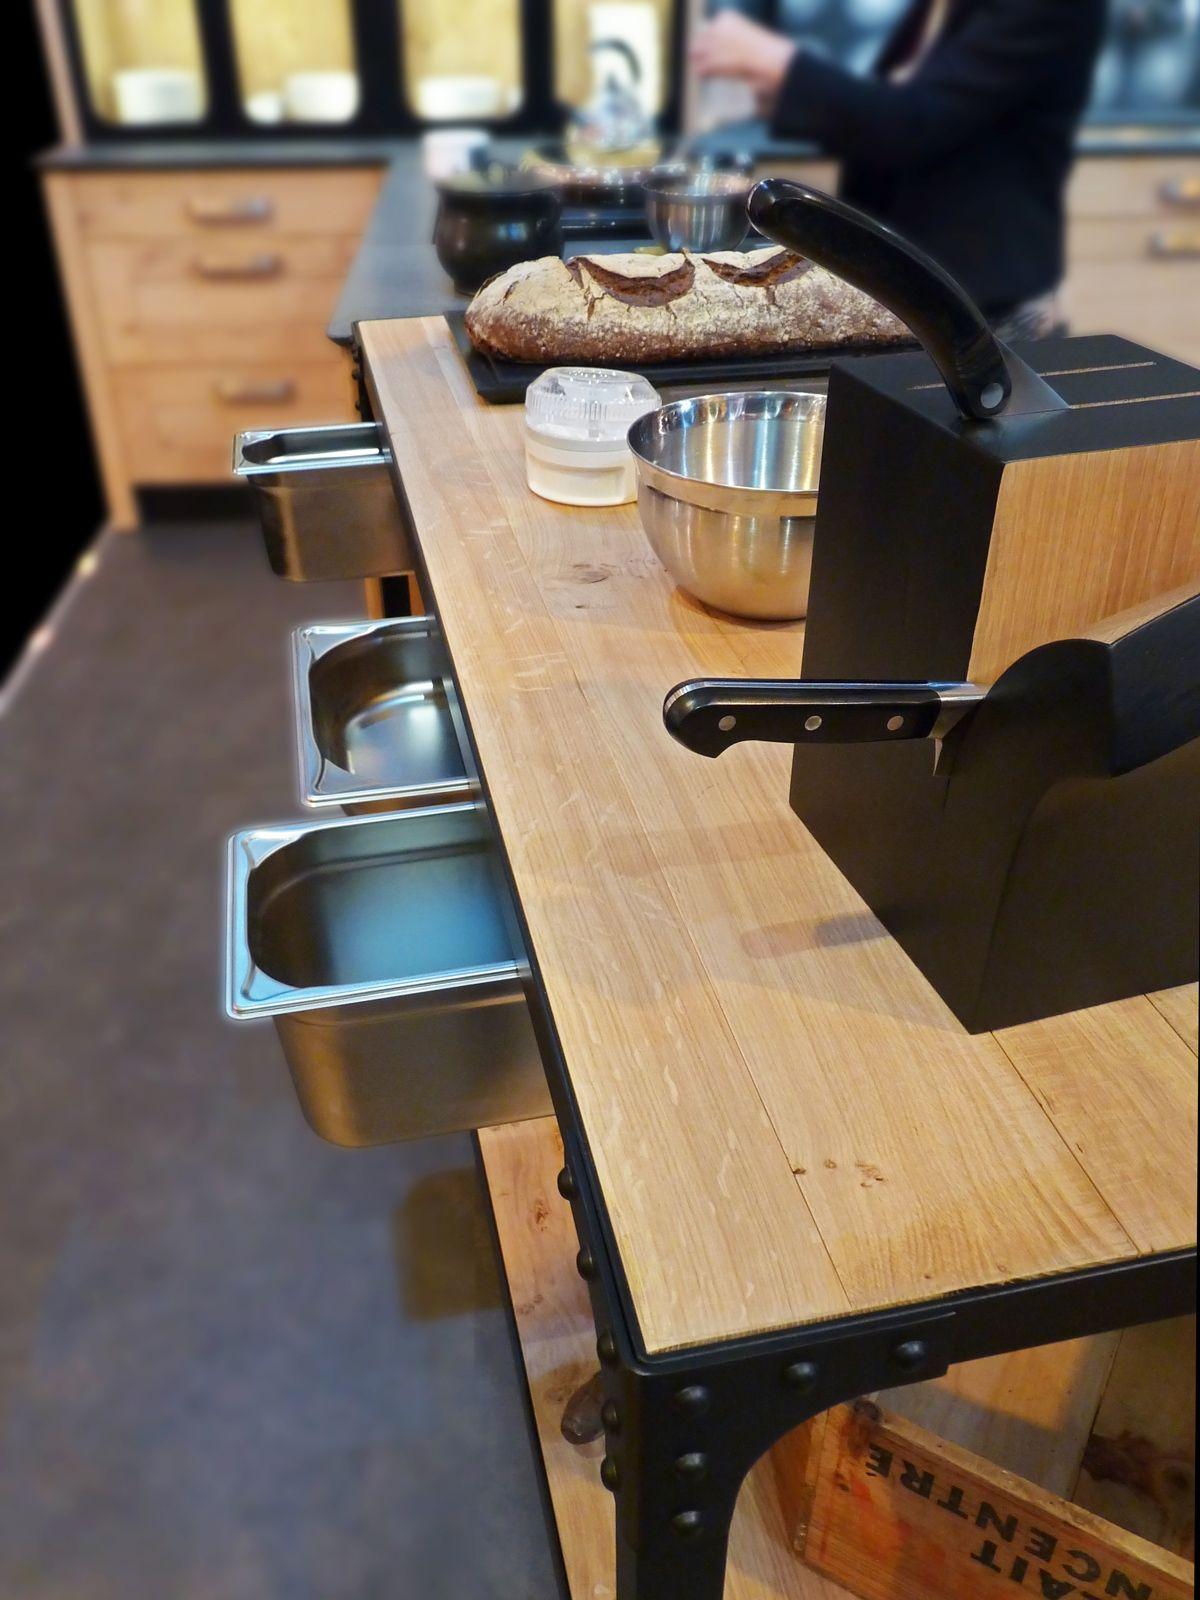 Atelier Culinaire Cuisine Chene Massif Clair Desserte Plan De Travail Mobile Structure Acier Laque Noir Rivets Bacs Gastronormes Agencement Cuisine Cuisine Chene Et Agencement Interieur